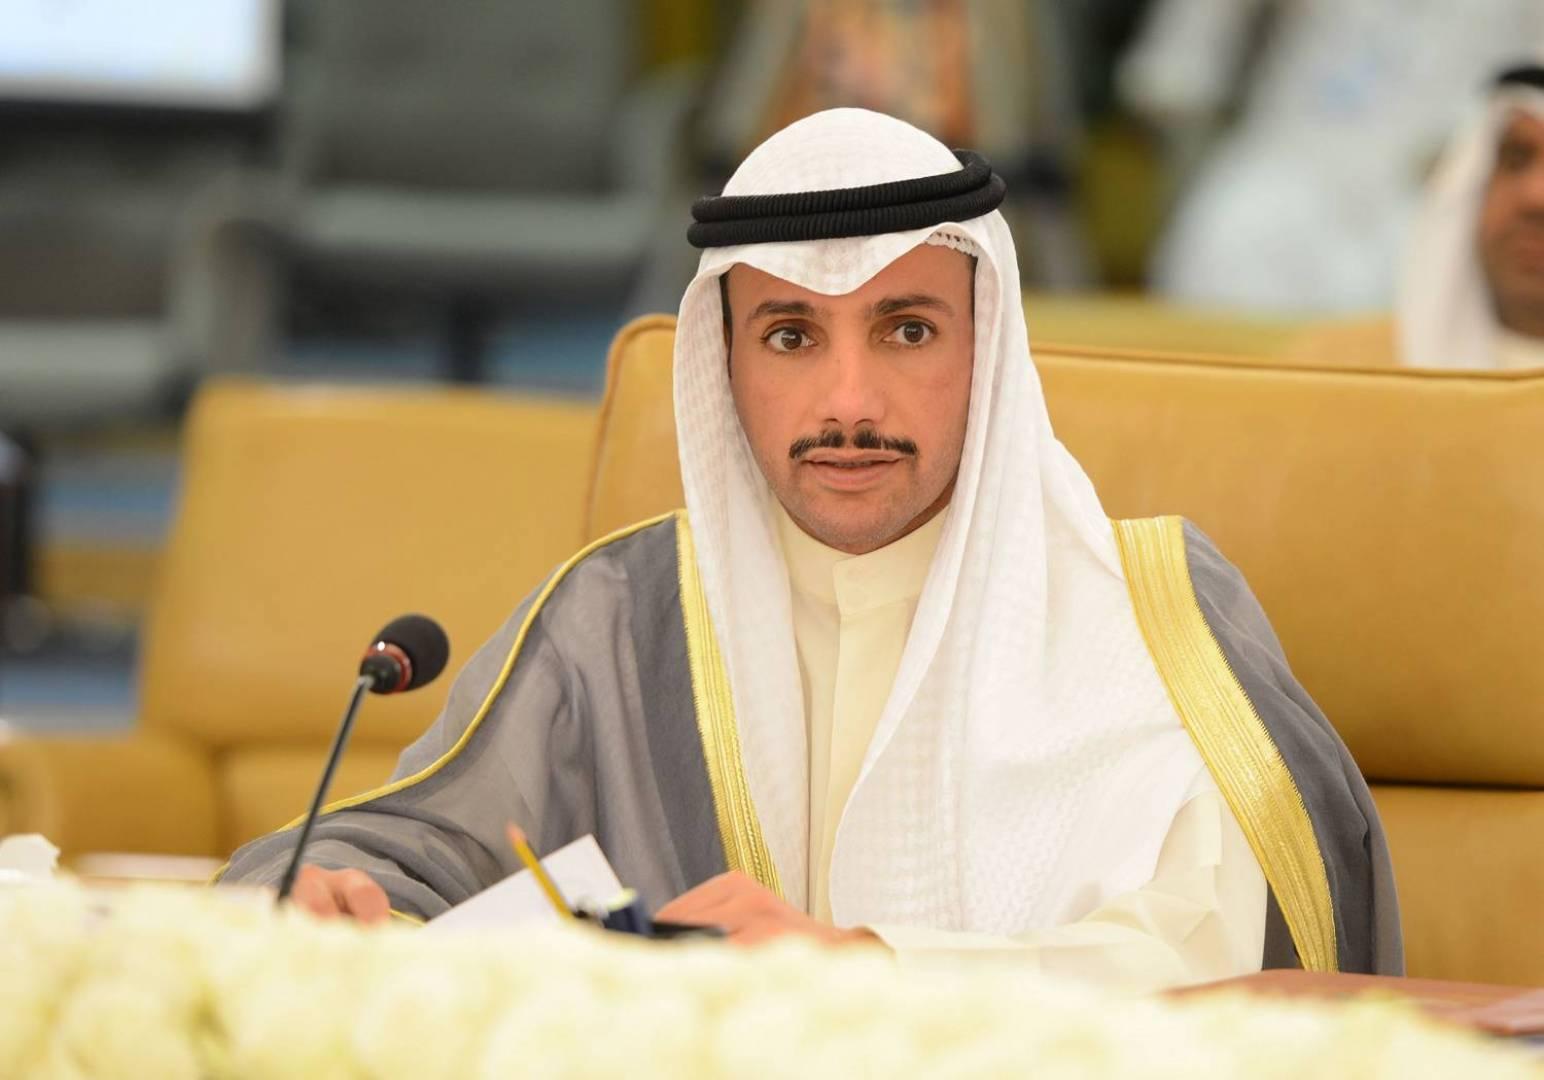 الرئيس الغانم: السعودية ستبقى عصية على كل تهديد يمس أمنها وإستقرارها